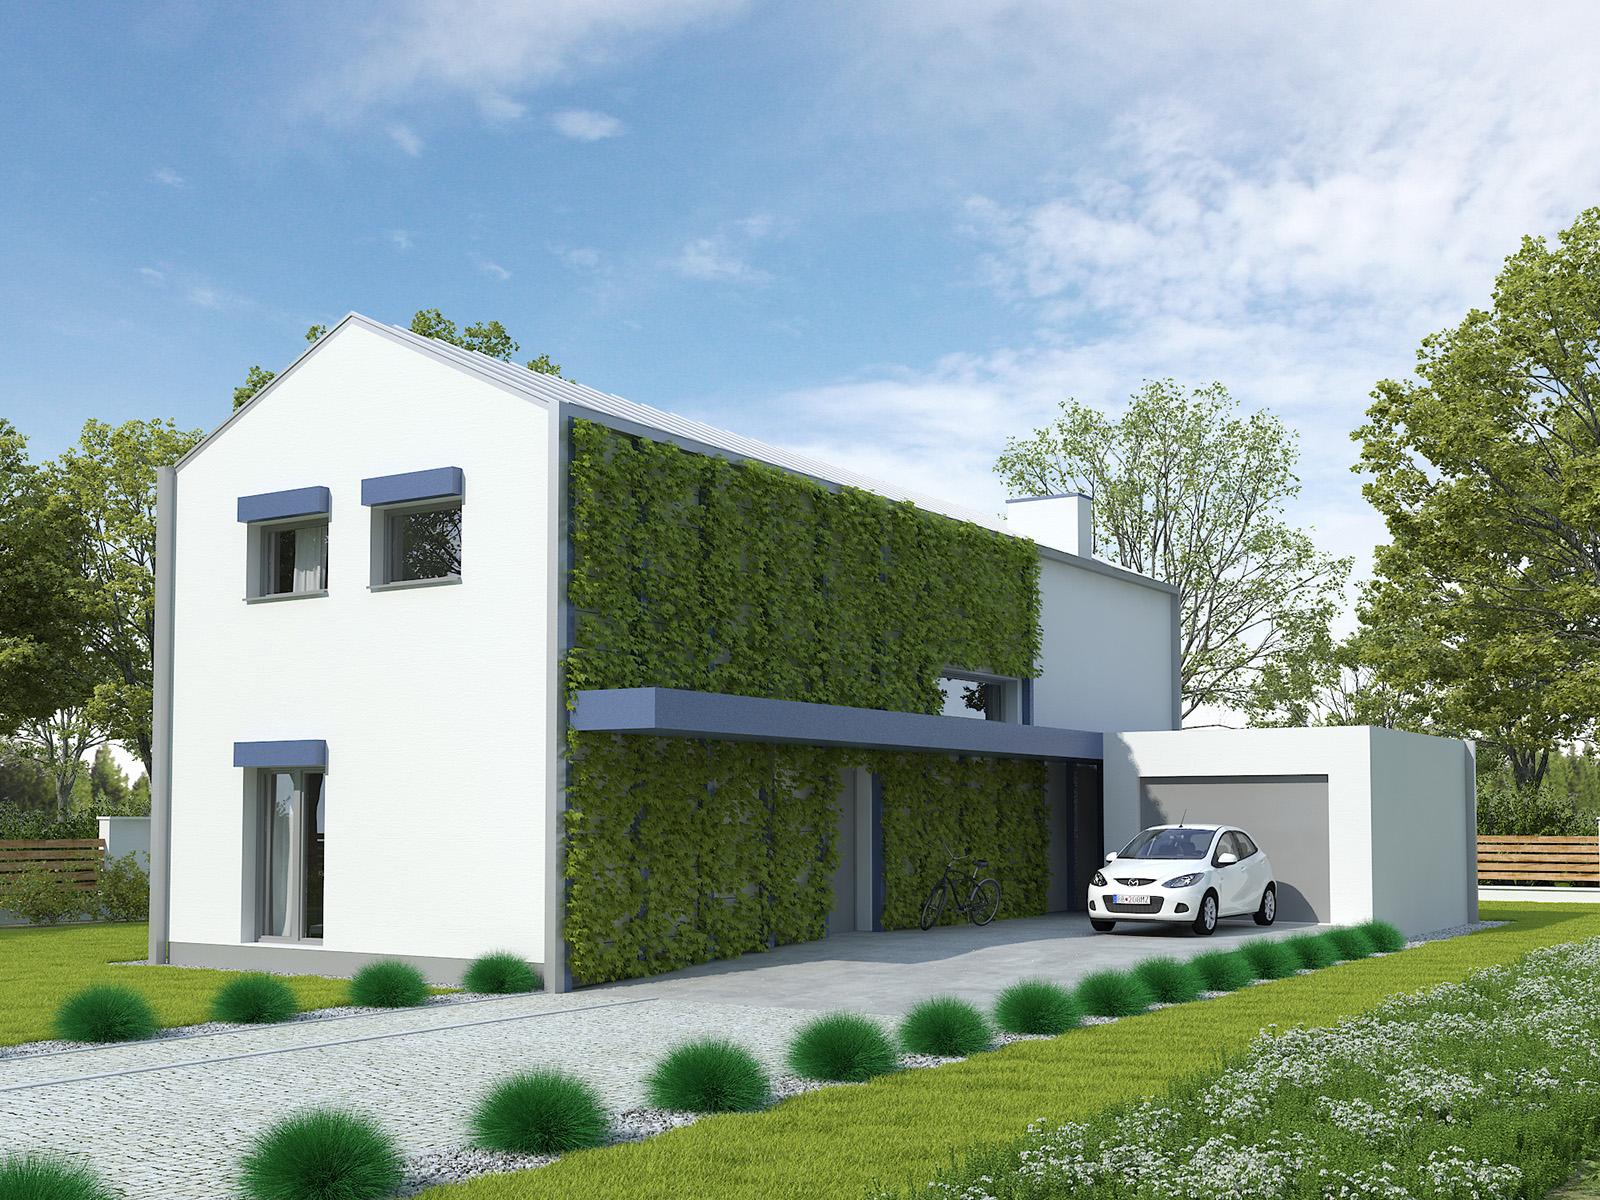 Projekt domu POŁUDNIOWY Domy Czystej Energii widok od frontu